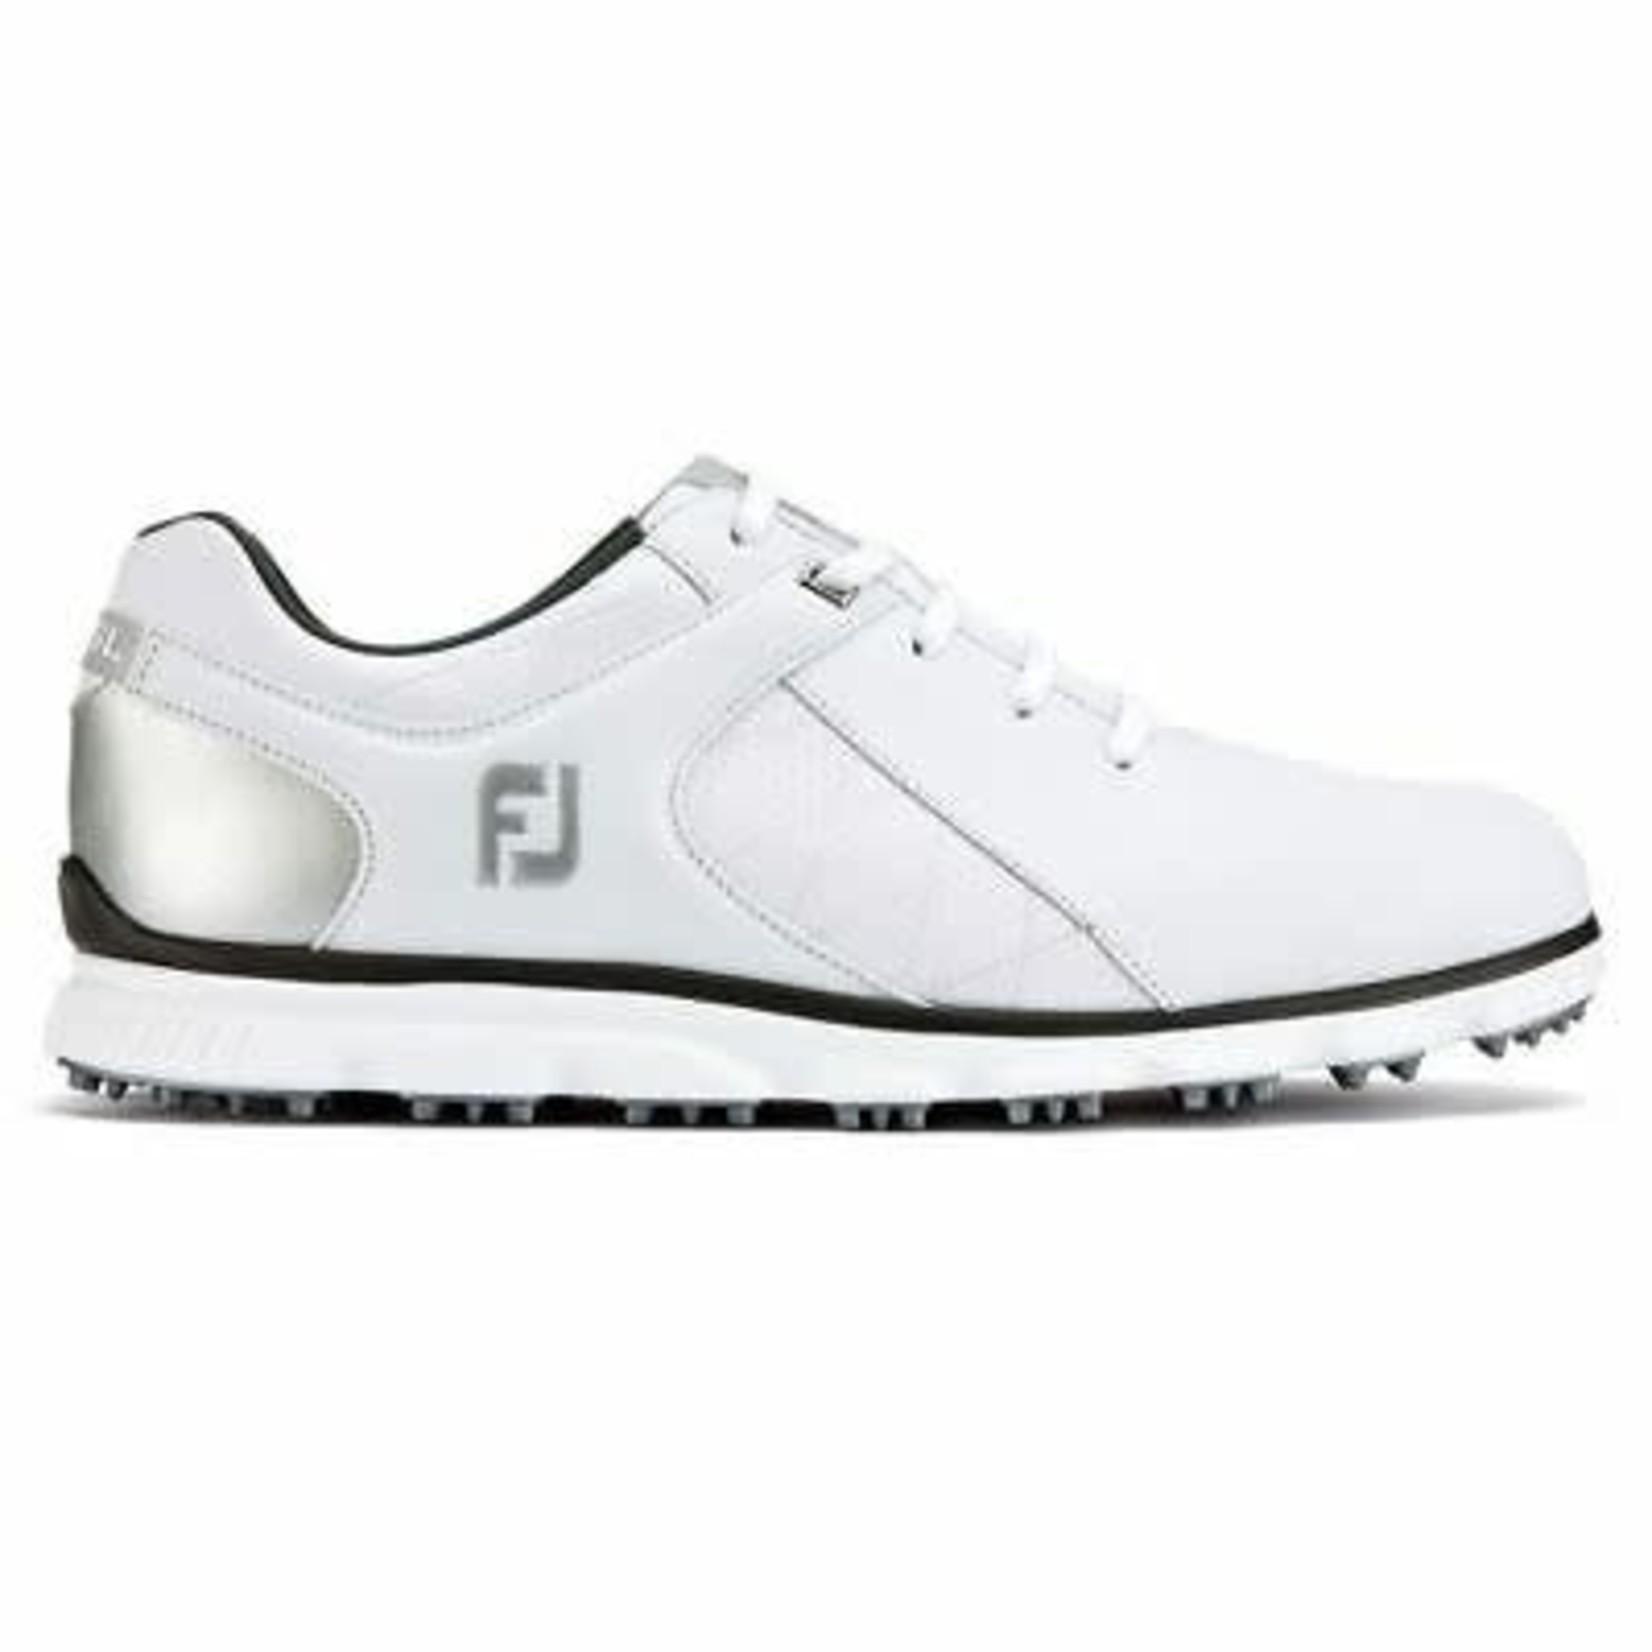 Footjoy Footjoy Pro SL Wit 53579K 43